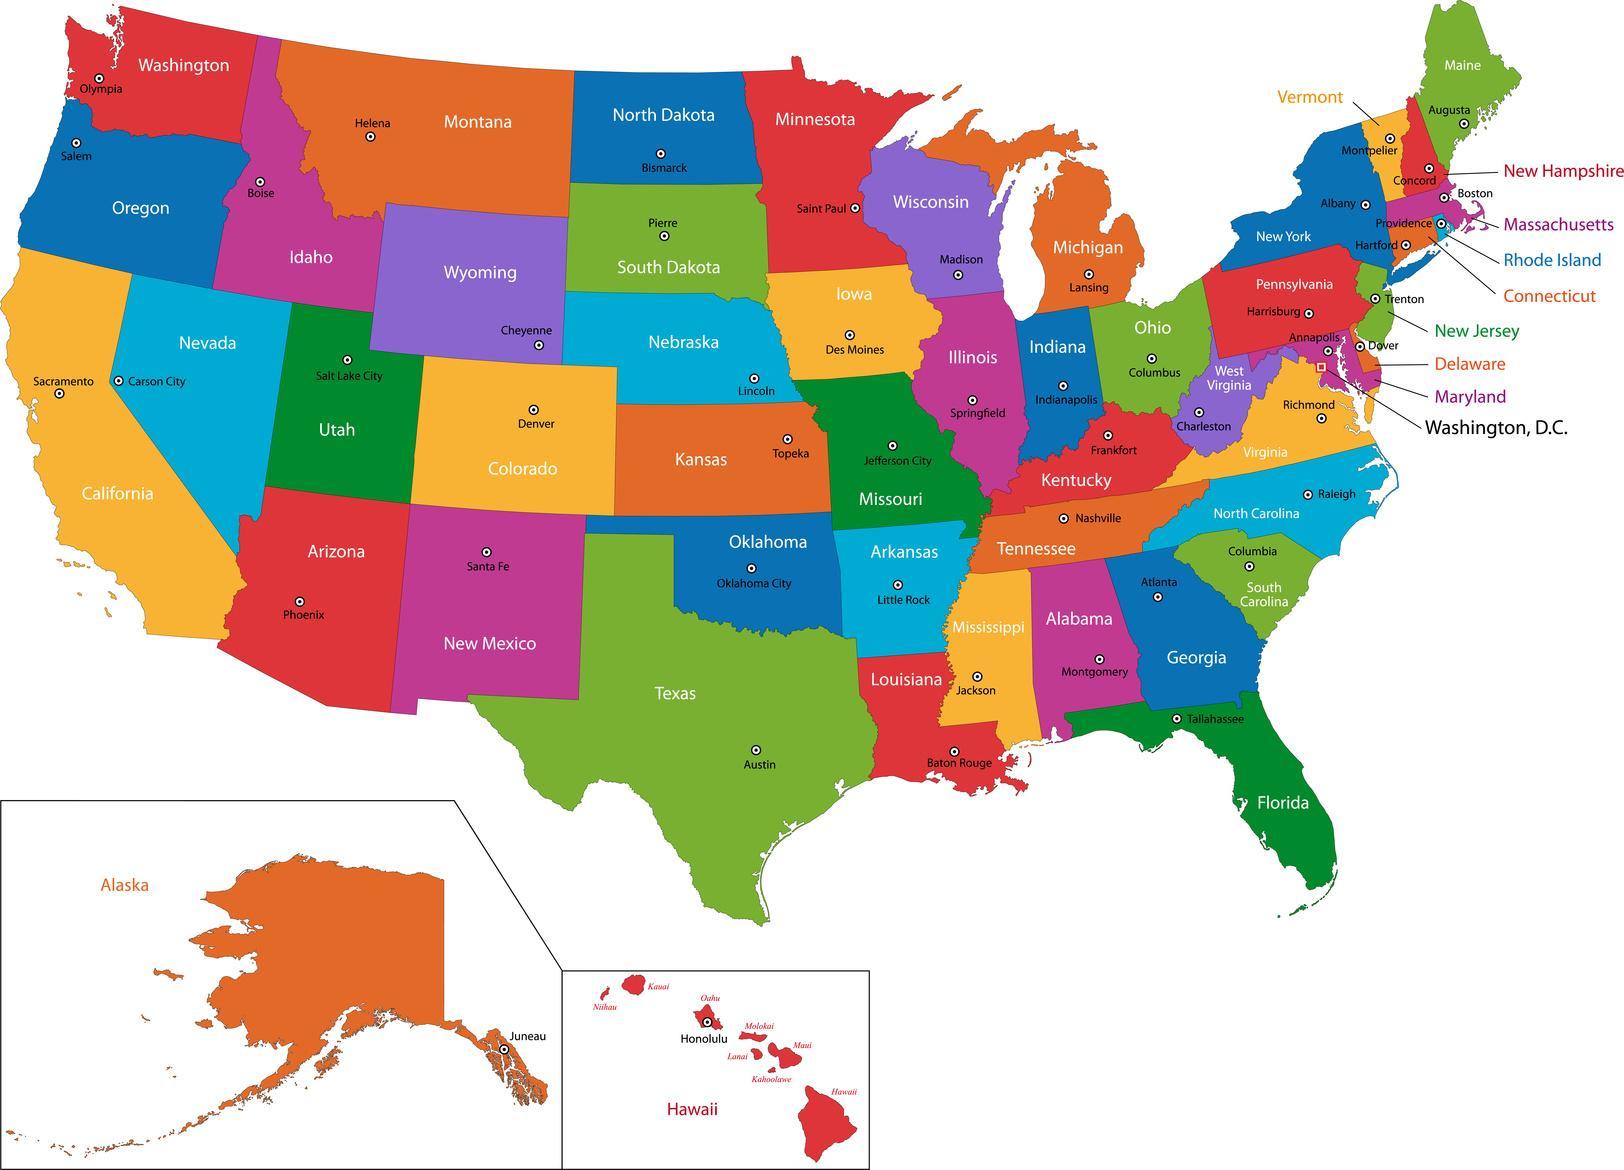 Mapa Dos Eua Com Os Estados E Capitais Mapa Dos Eua Com Os Estados E Capitais America Do Norte Americas